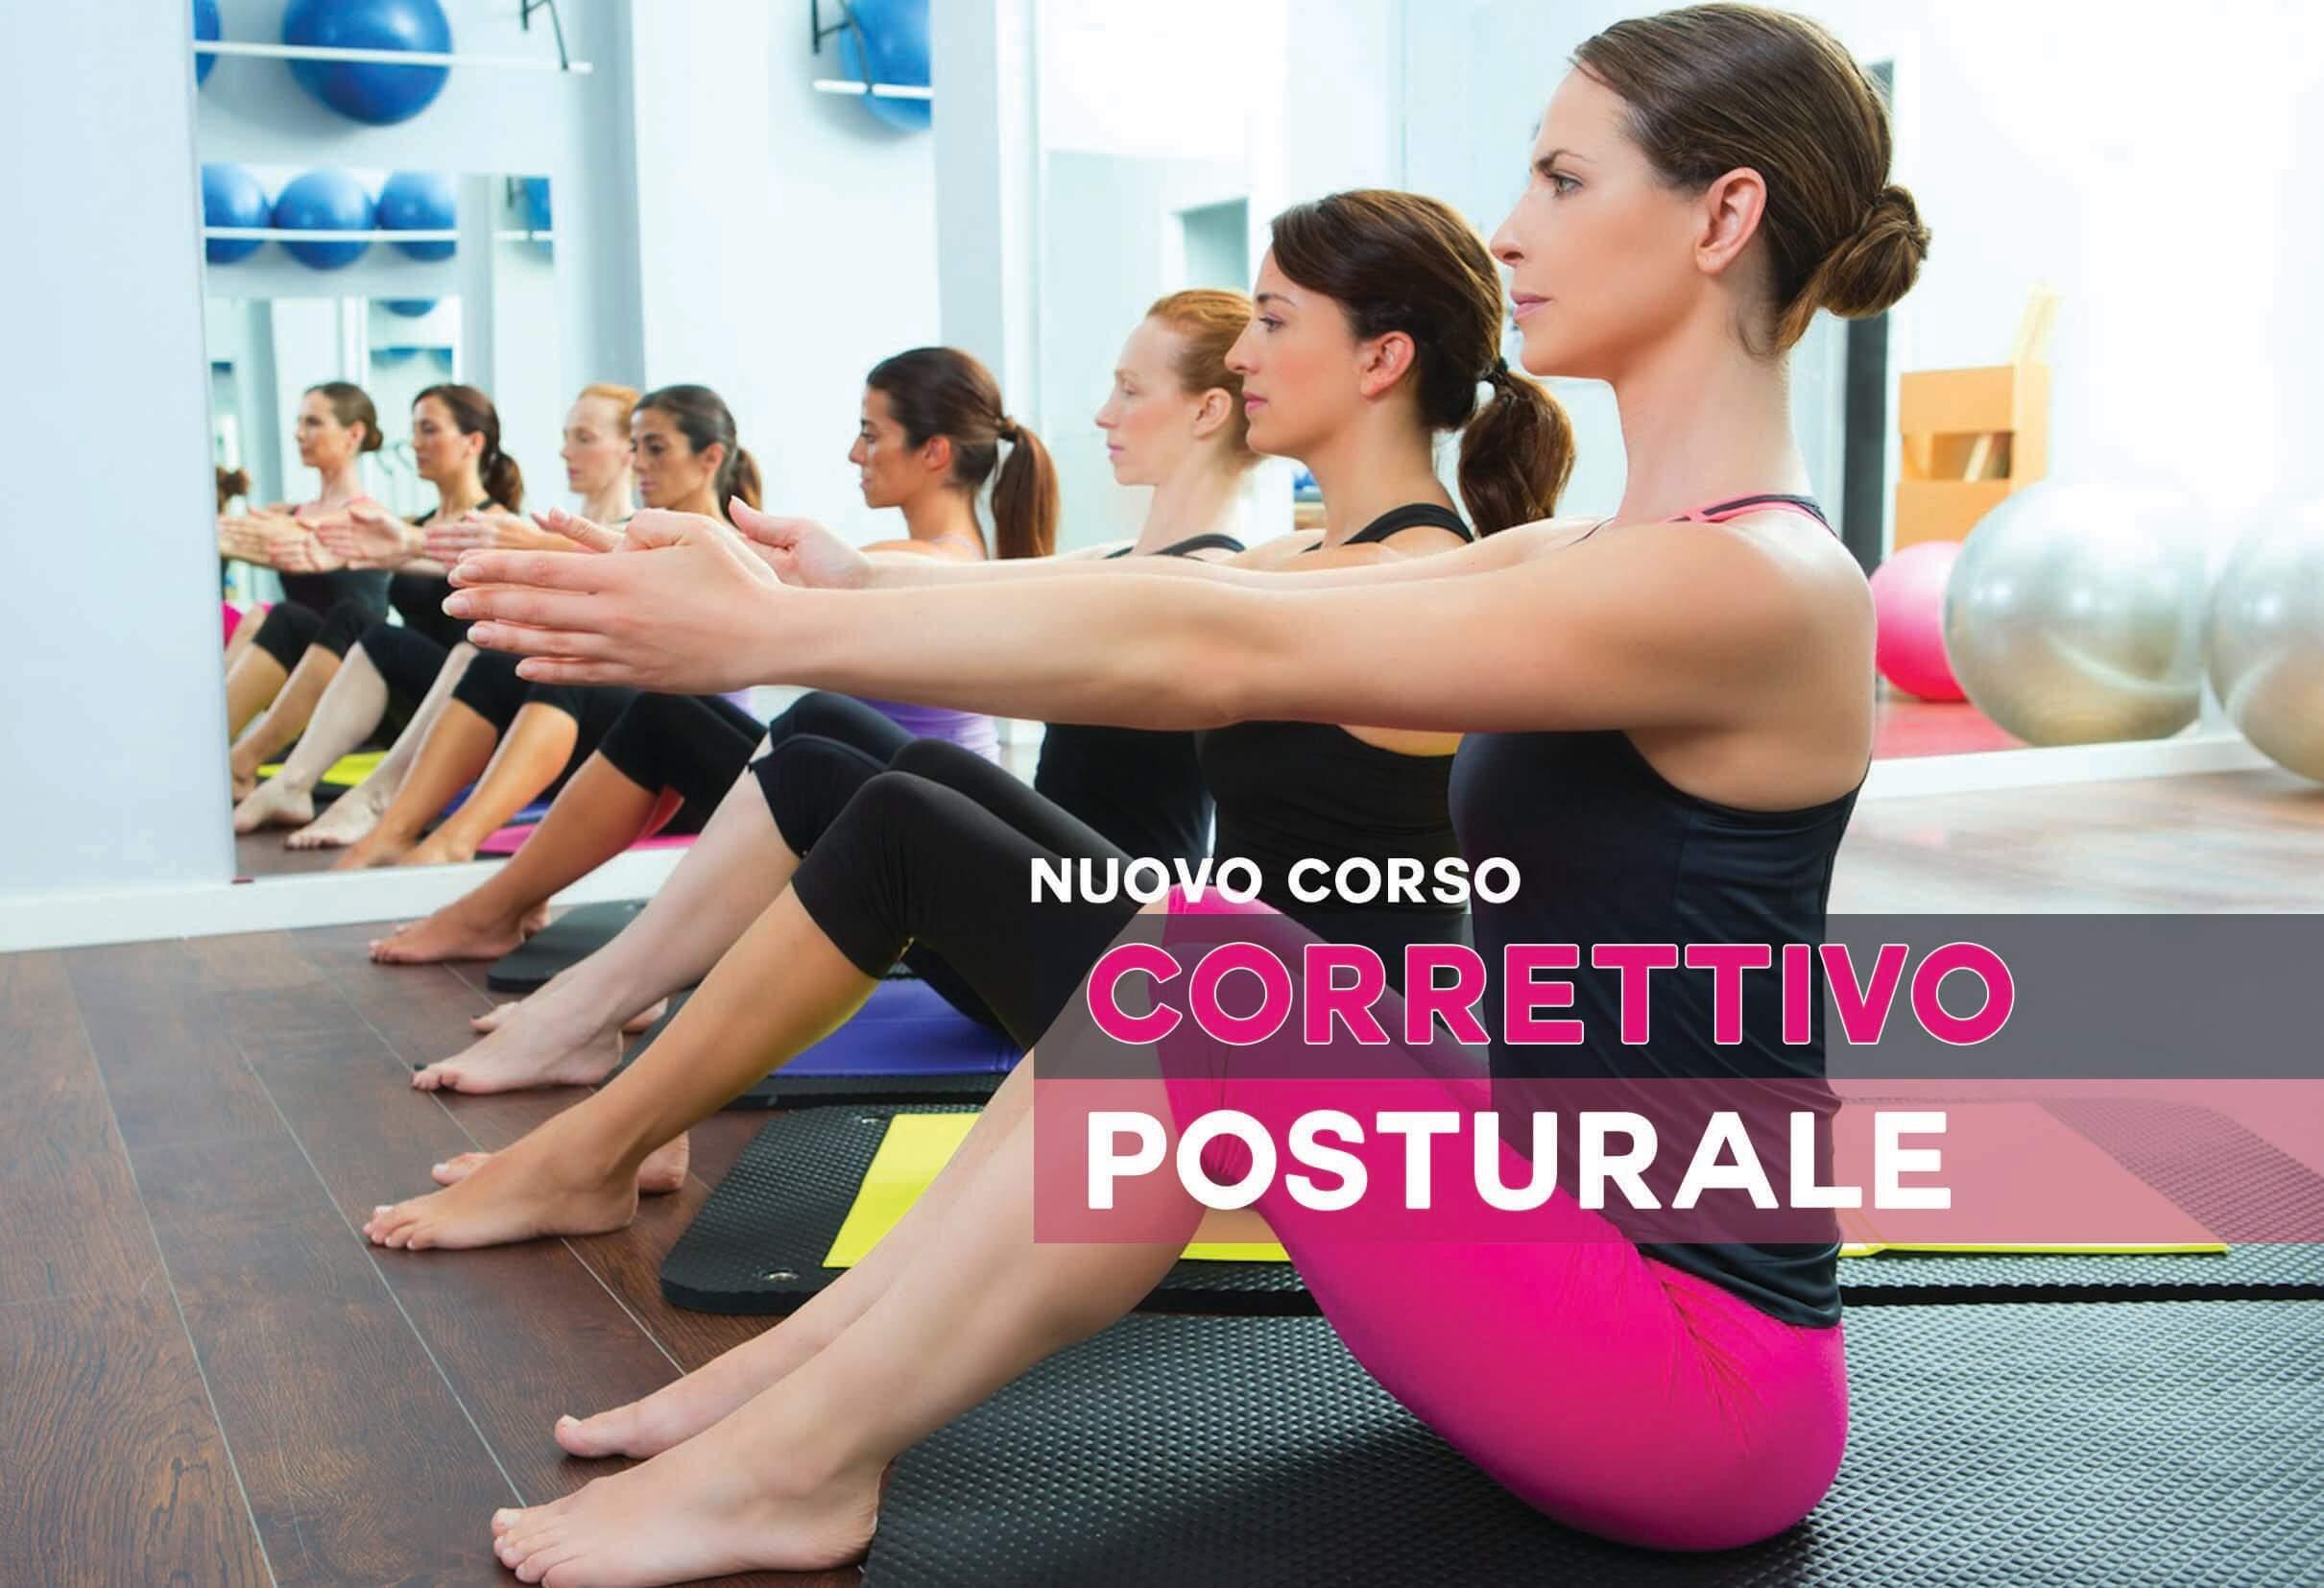 Correttivo posturale